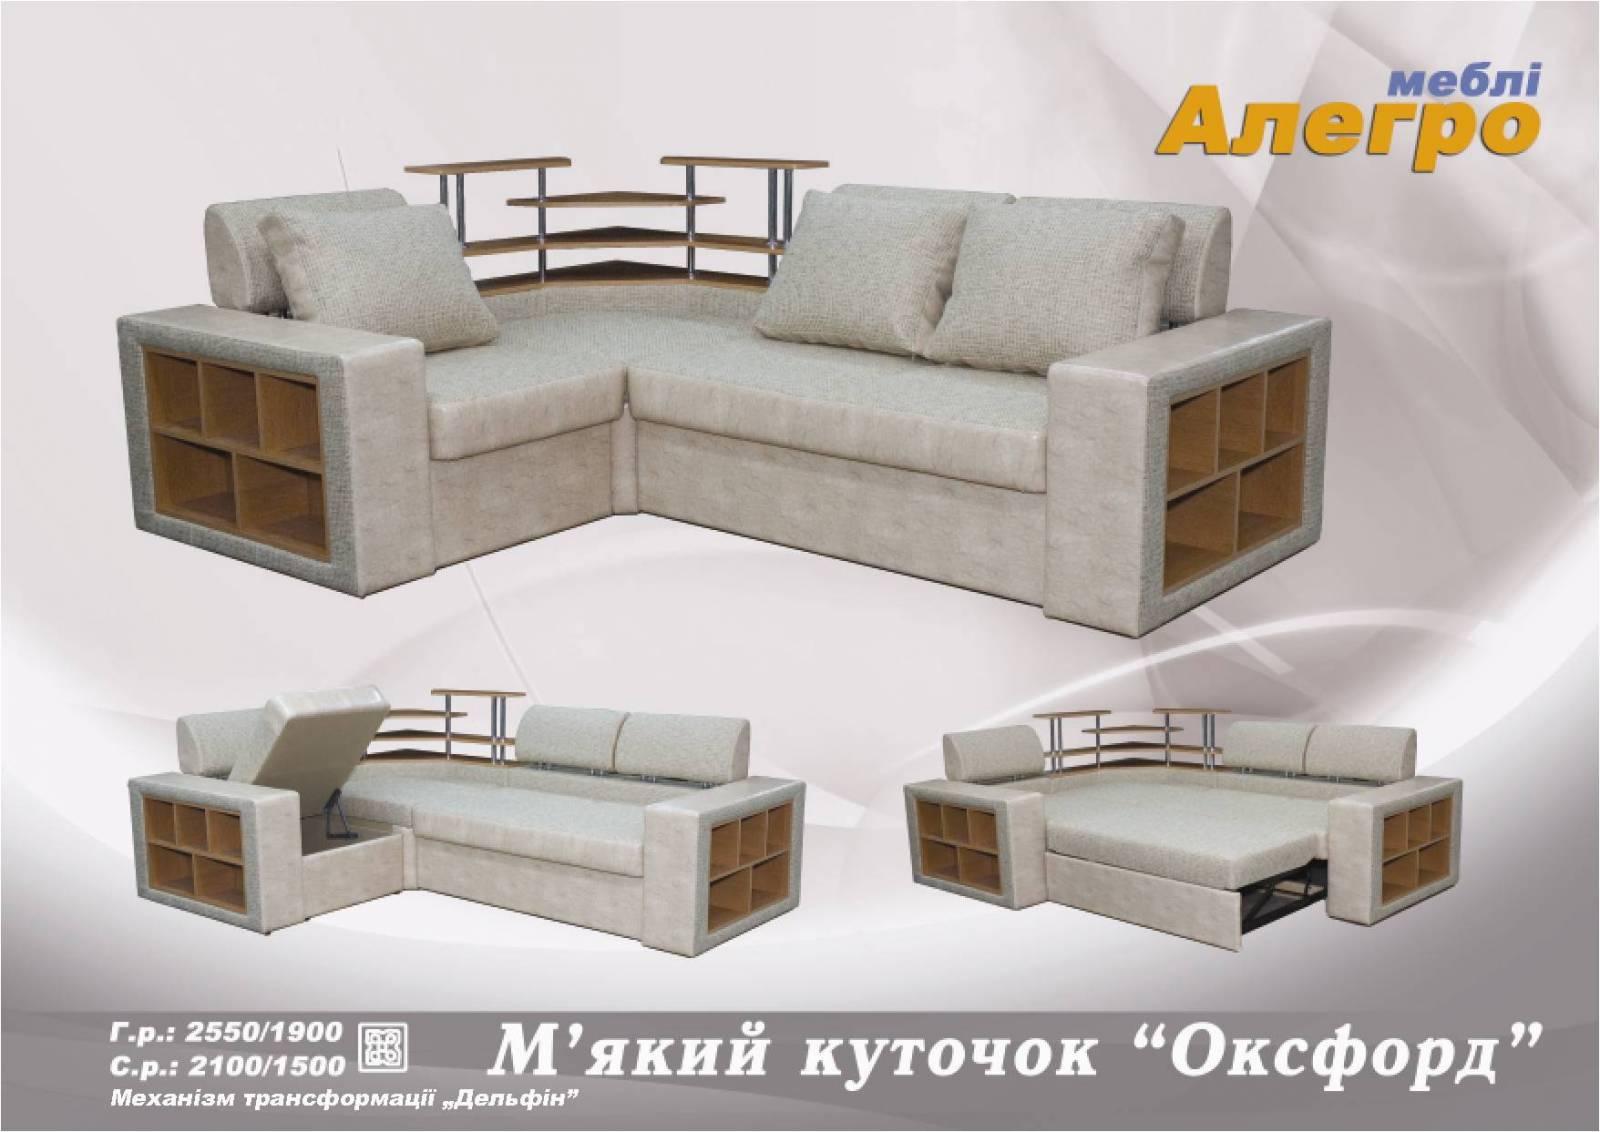 Как с дивана сделать угловой диван своими руками